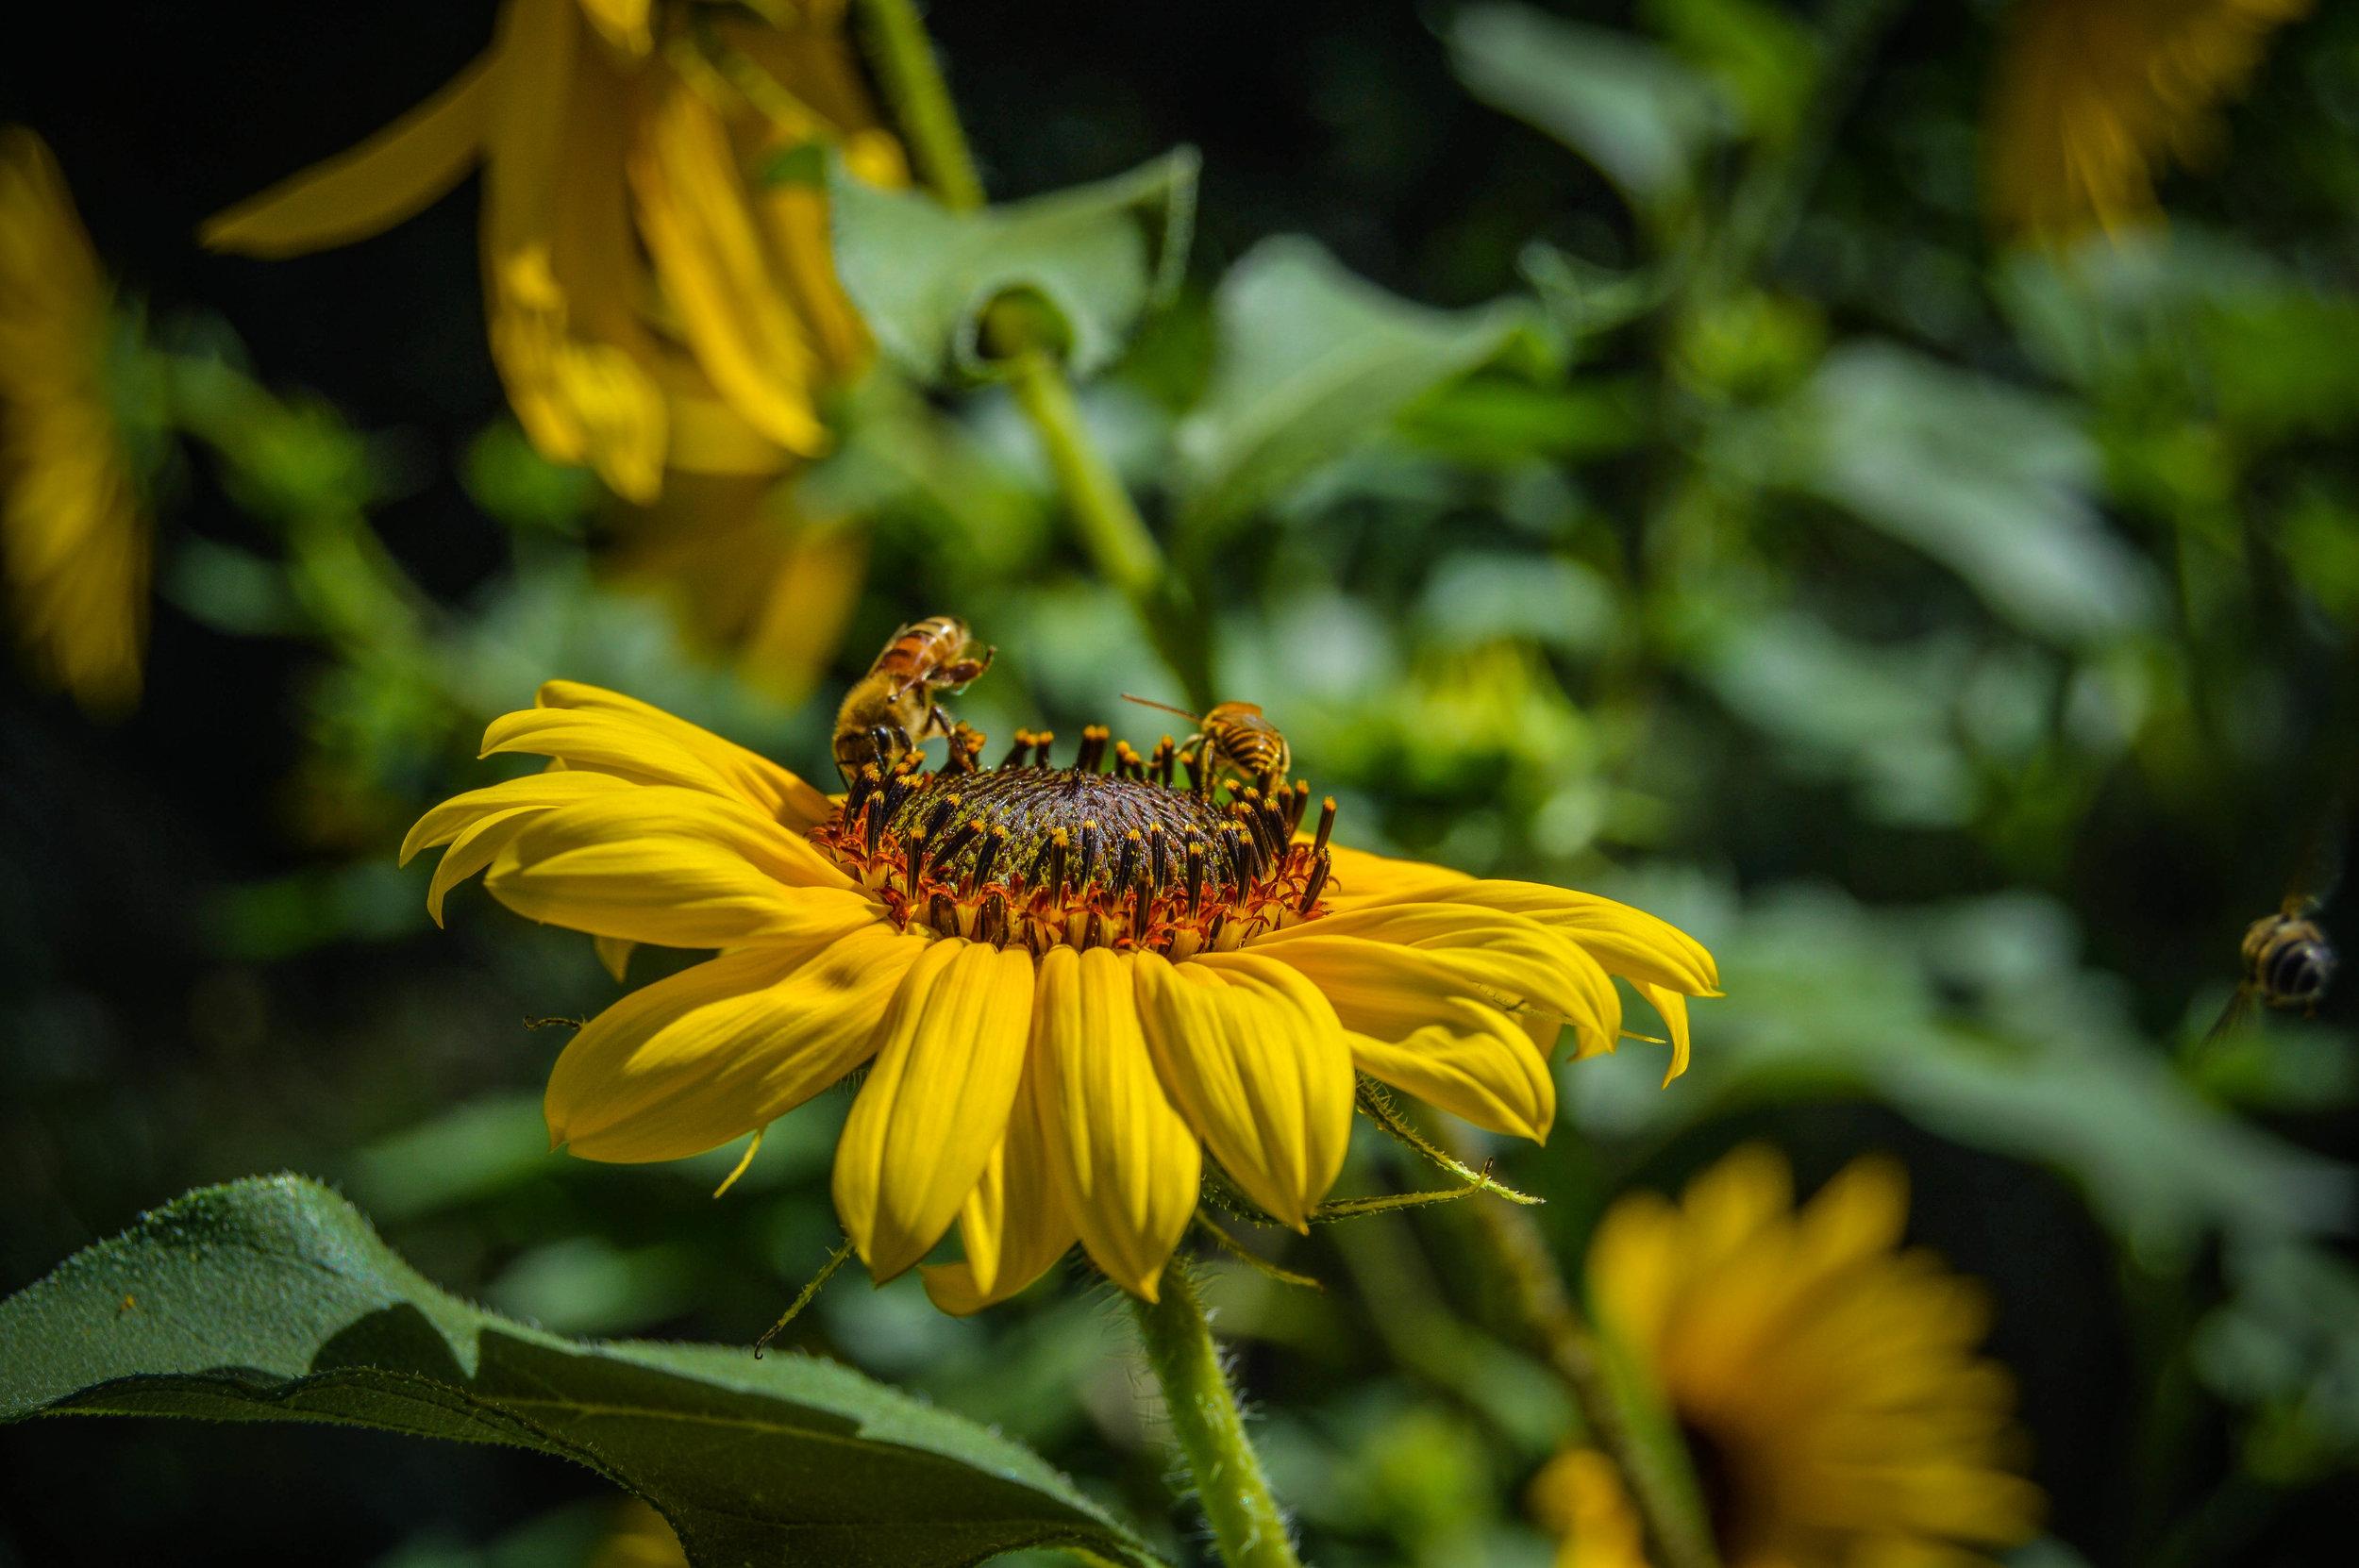 Bee on a flower.jpg